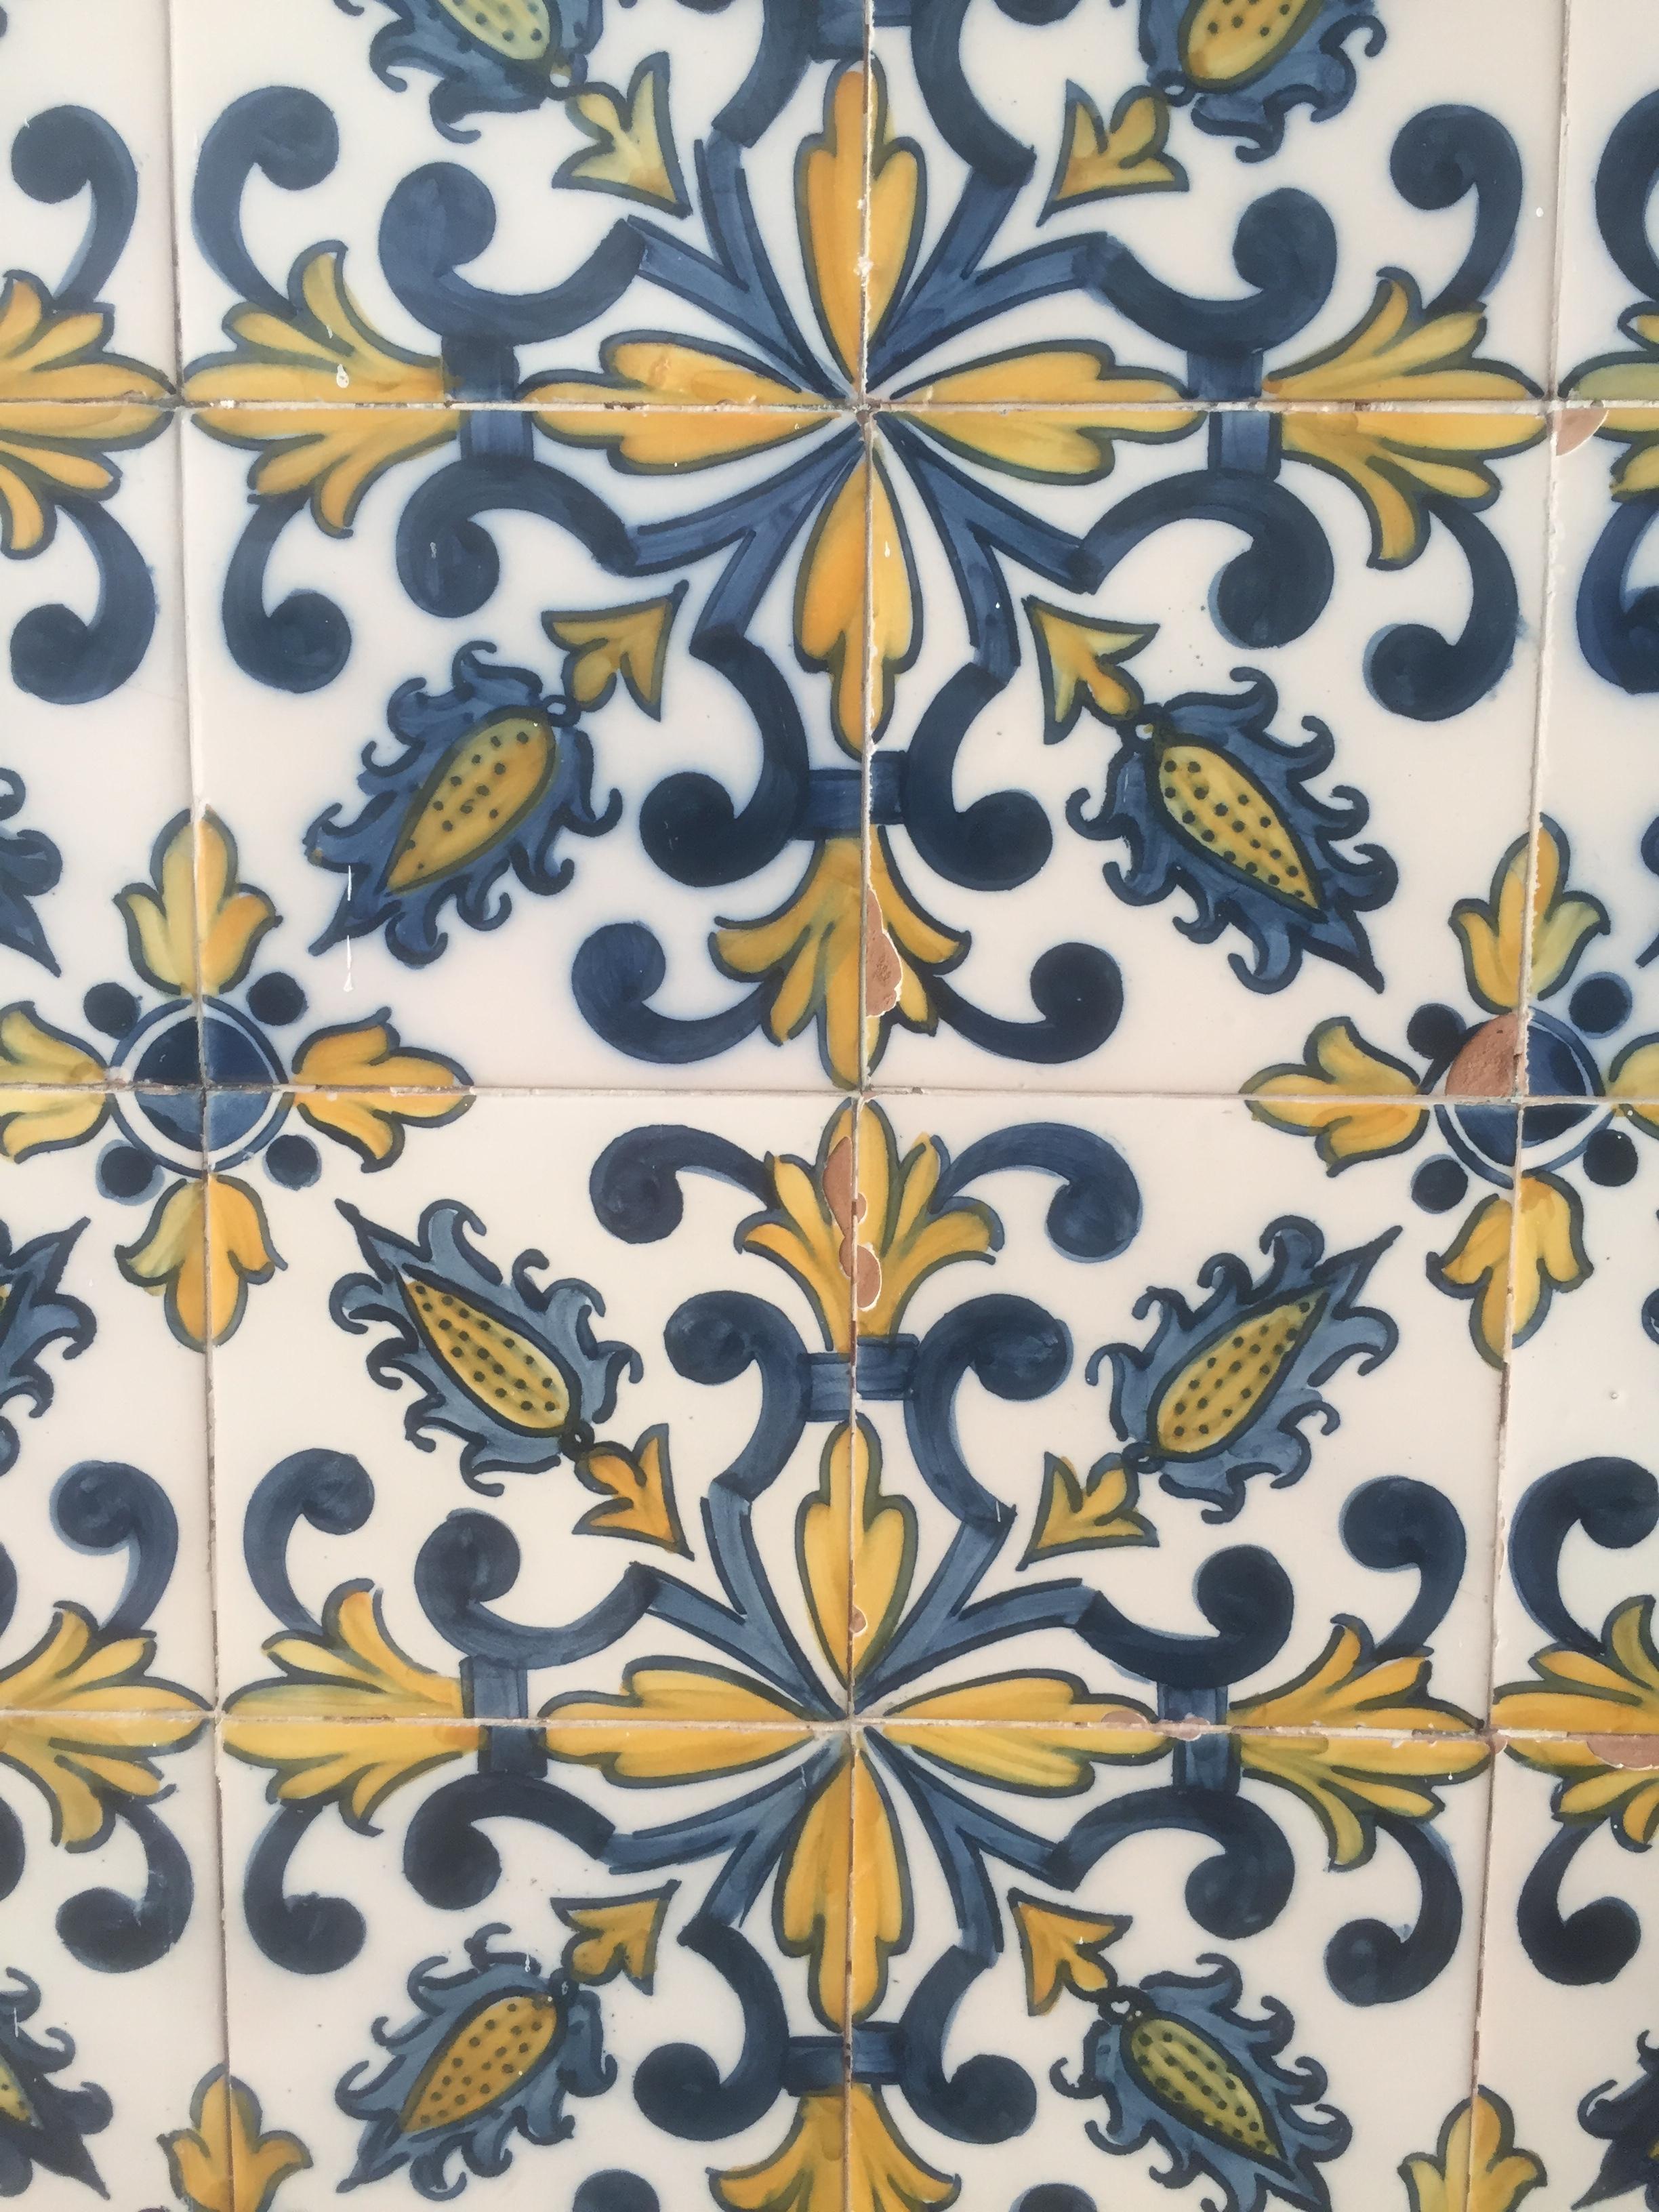 azulejos of portugal